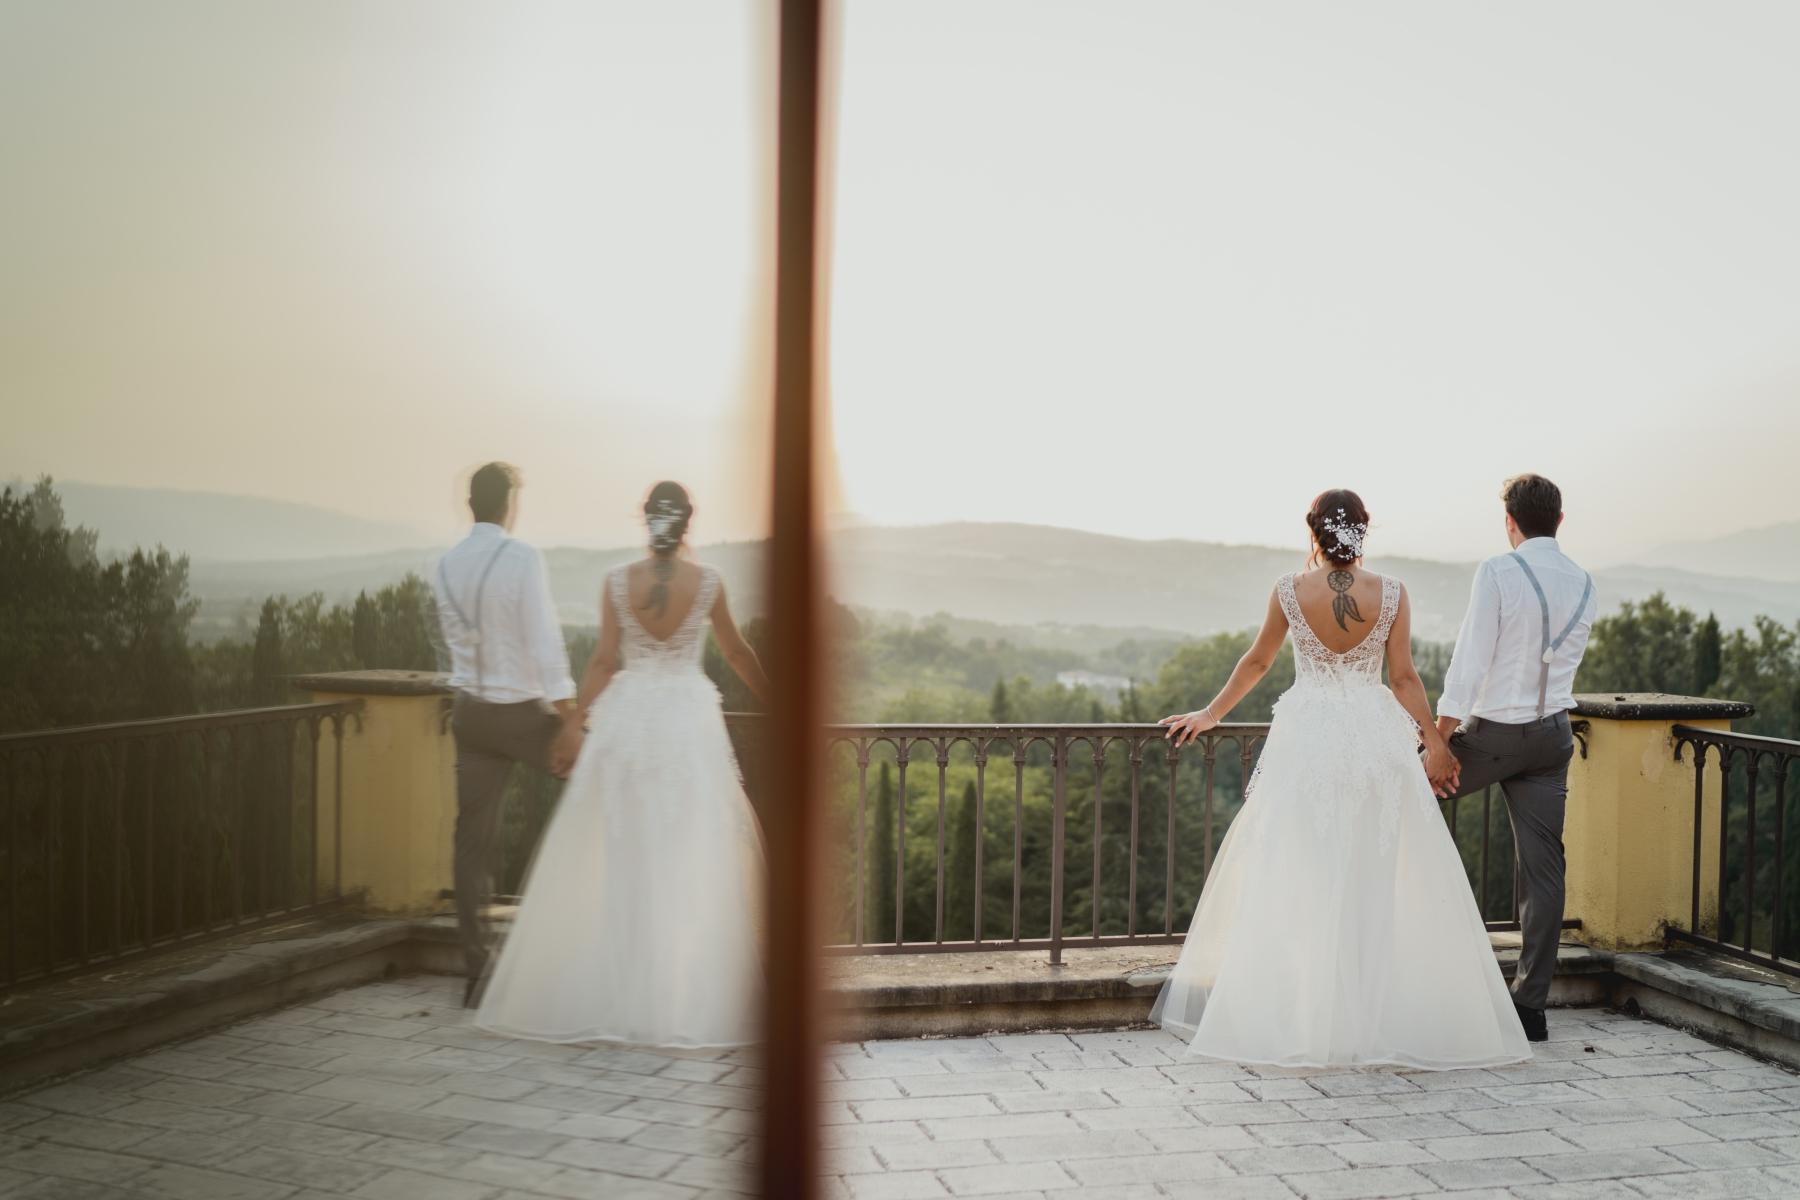 matrimonioacchiappasogni_blineventi-48